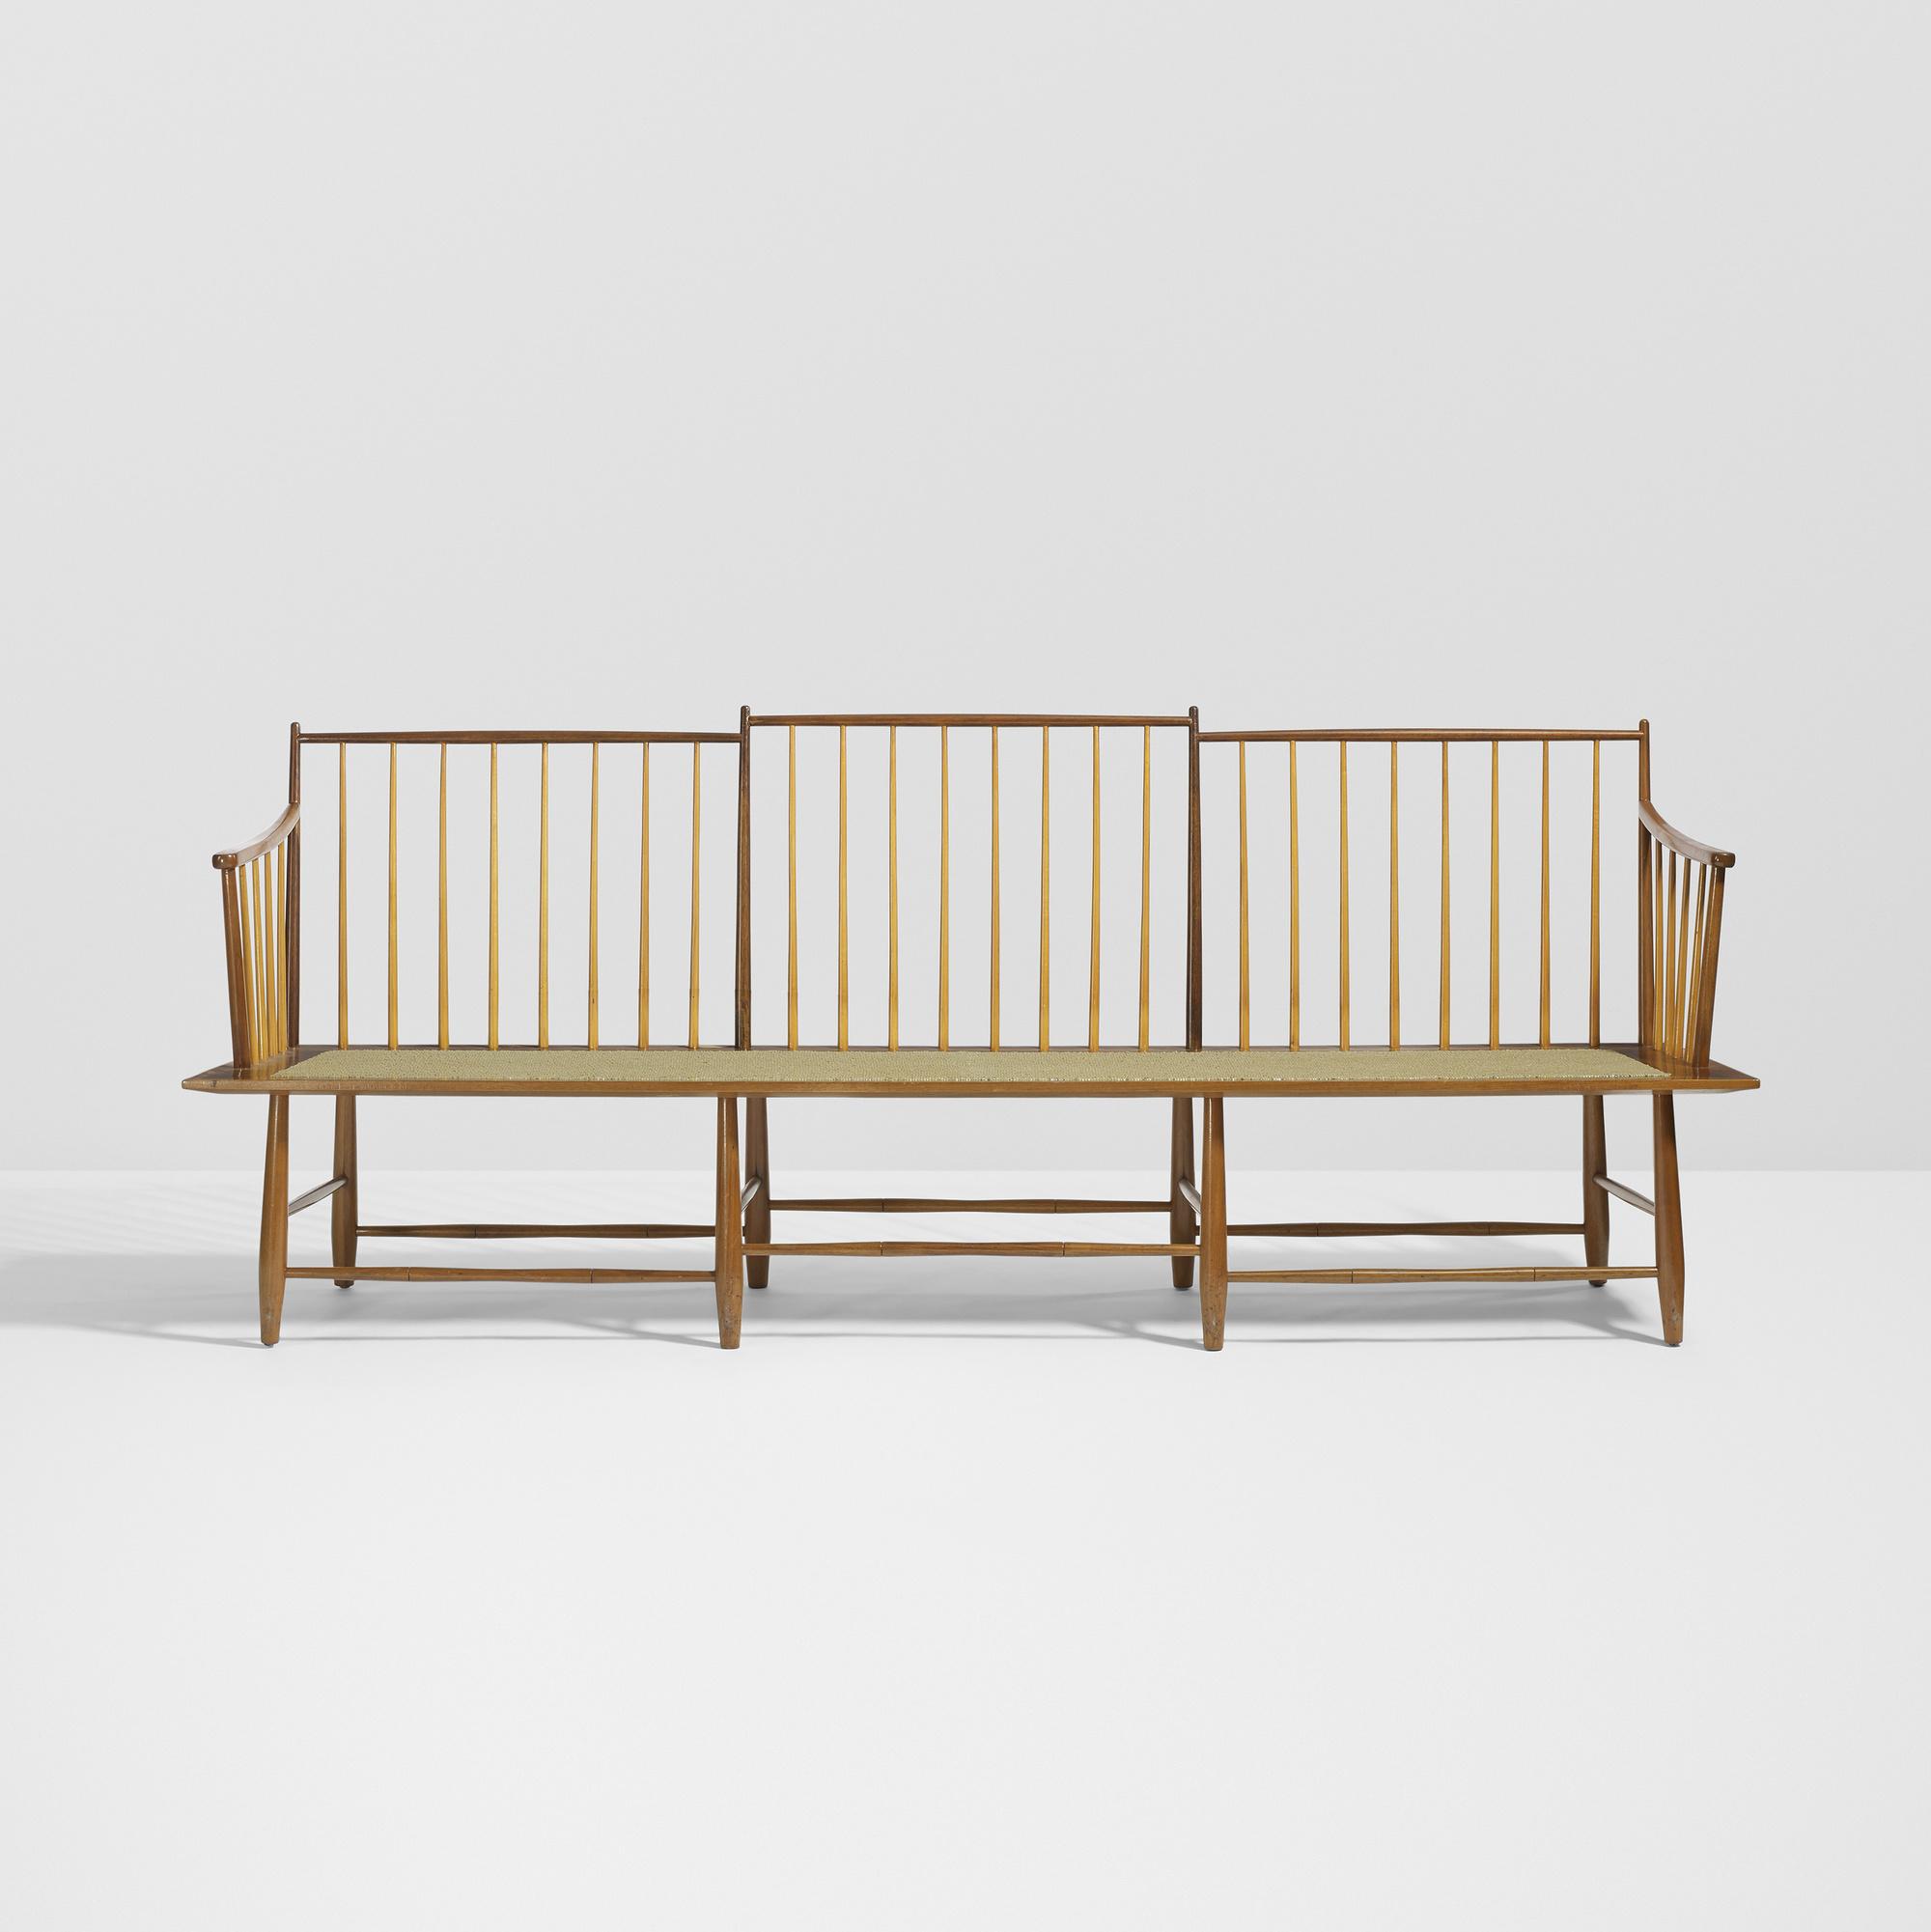 25 Edward Wormley Rare Bench Model 4871 1 Of 3